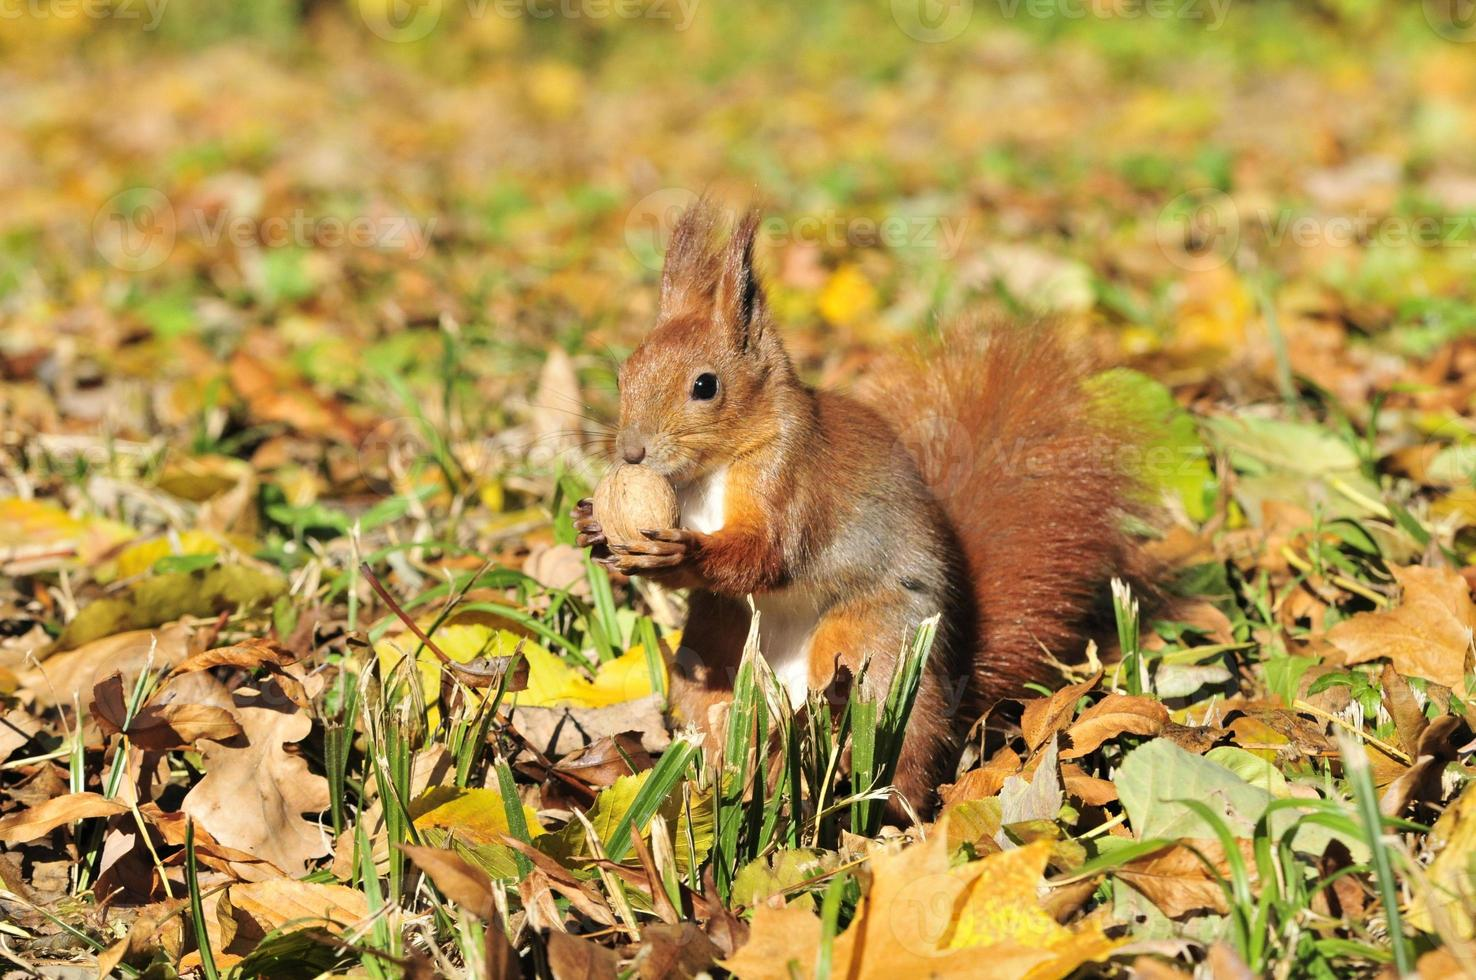 . écureuil - un rongeur de la famille des écureuils. photo